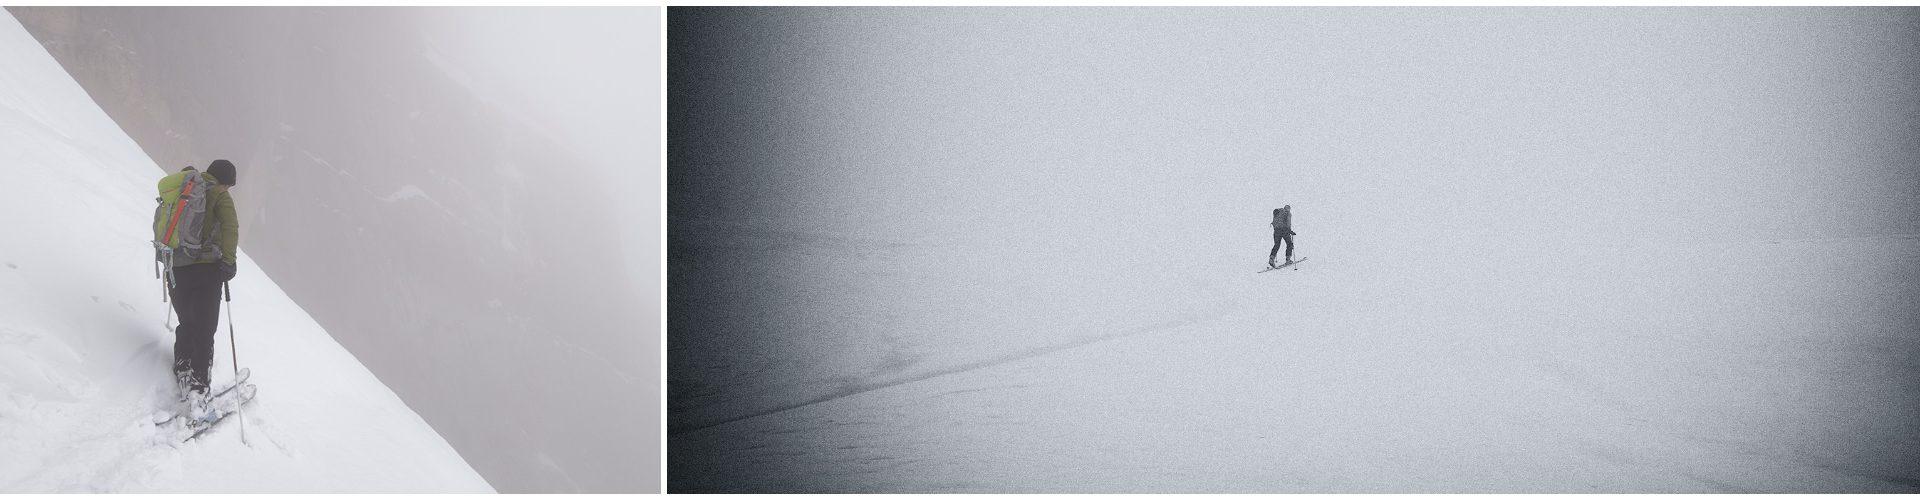 In discesa nella nebbia. Verso la sella.